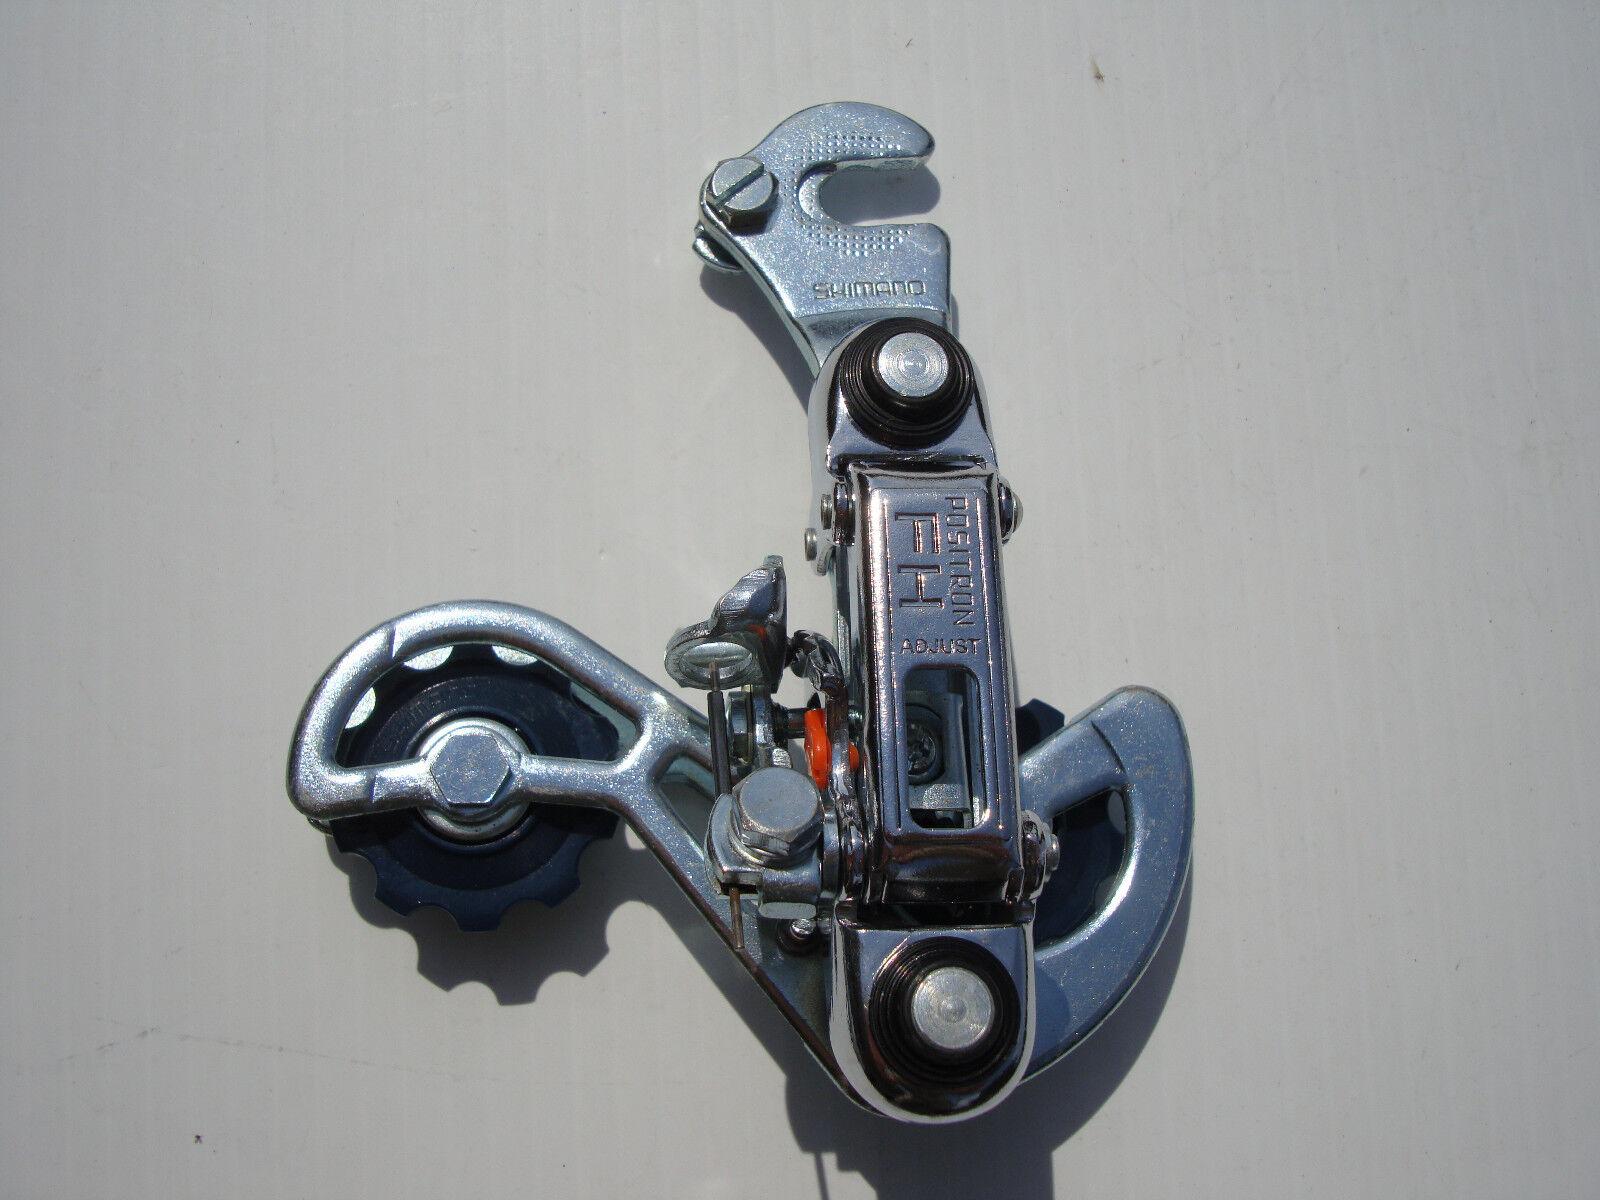 NOS Shimano Positron 5 6 Spd Rear Derailleur  Schwinn Huffy Sears Fuji Ross Bike  trendy